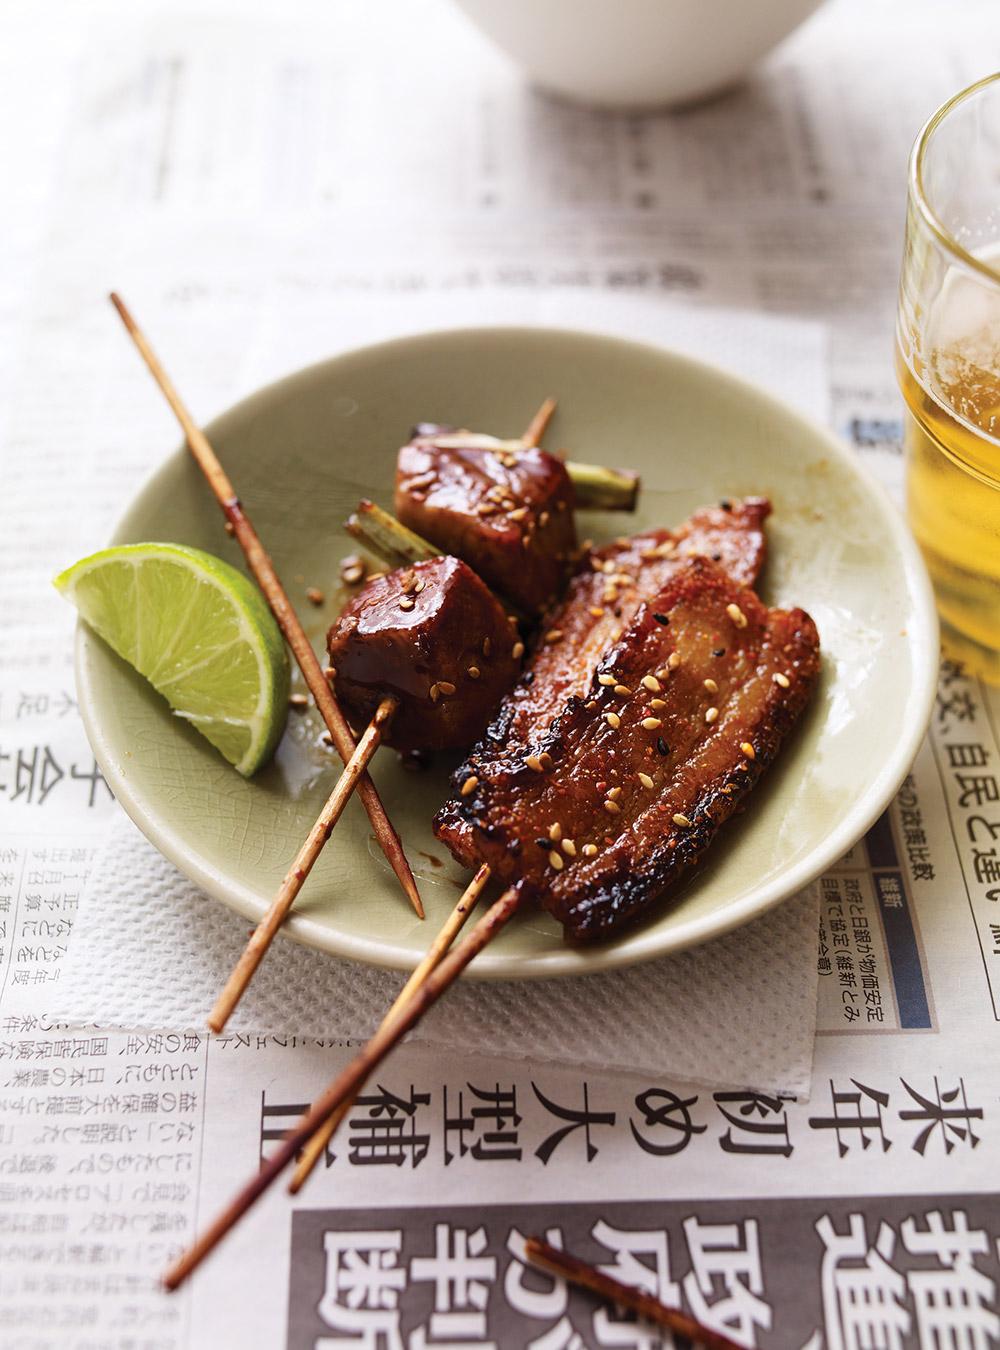 recette barbecue japonais un site culinaire populaire avec des recettes utiles. Black Bedroom Furniture Sets. Home Design Ideas